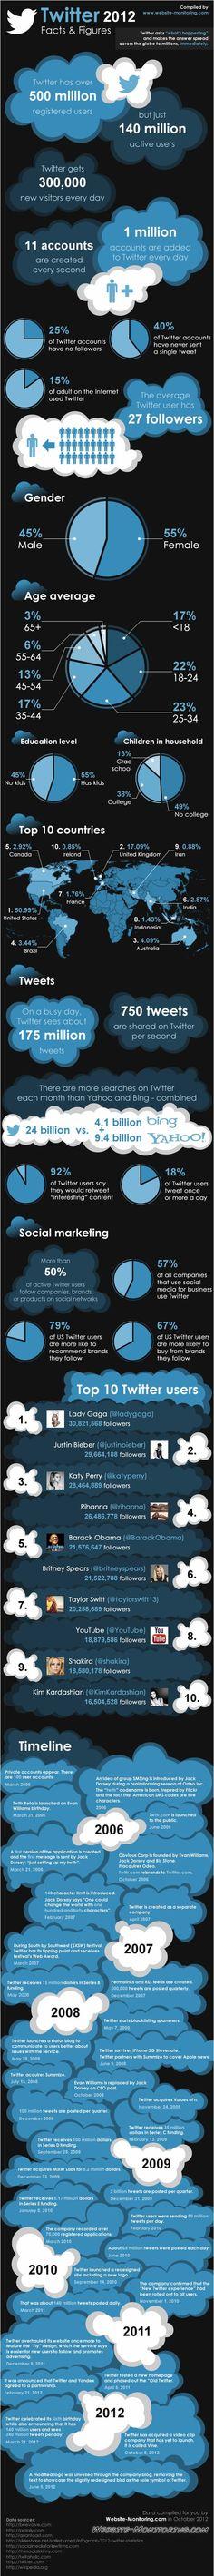 Infografía.twitter 2012